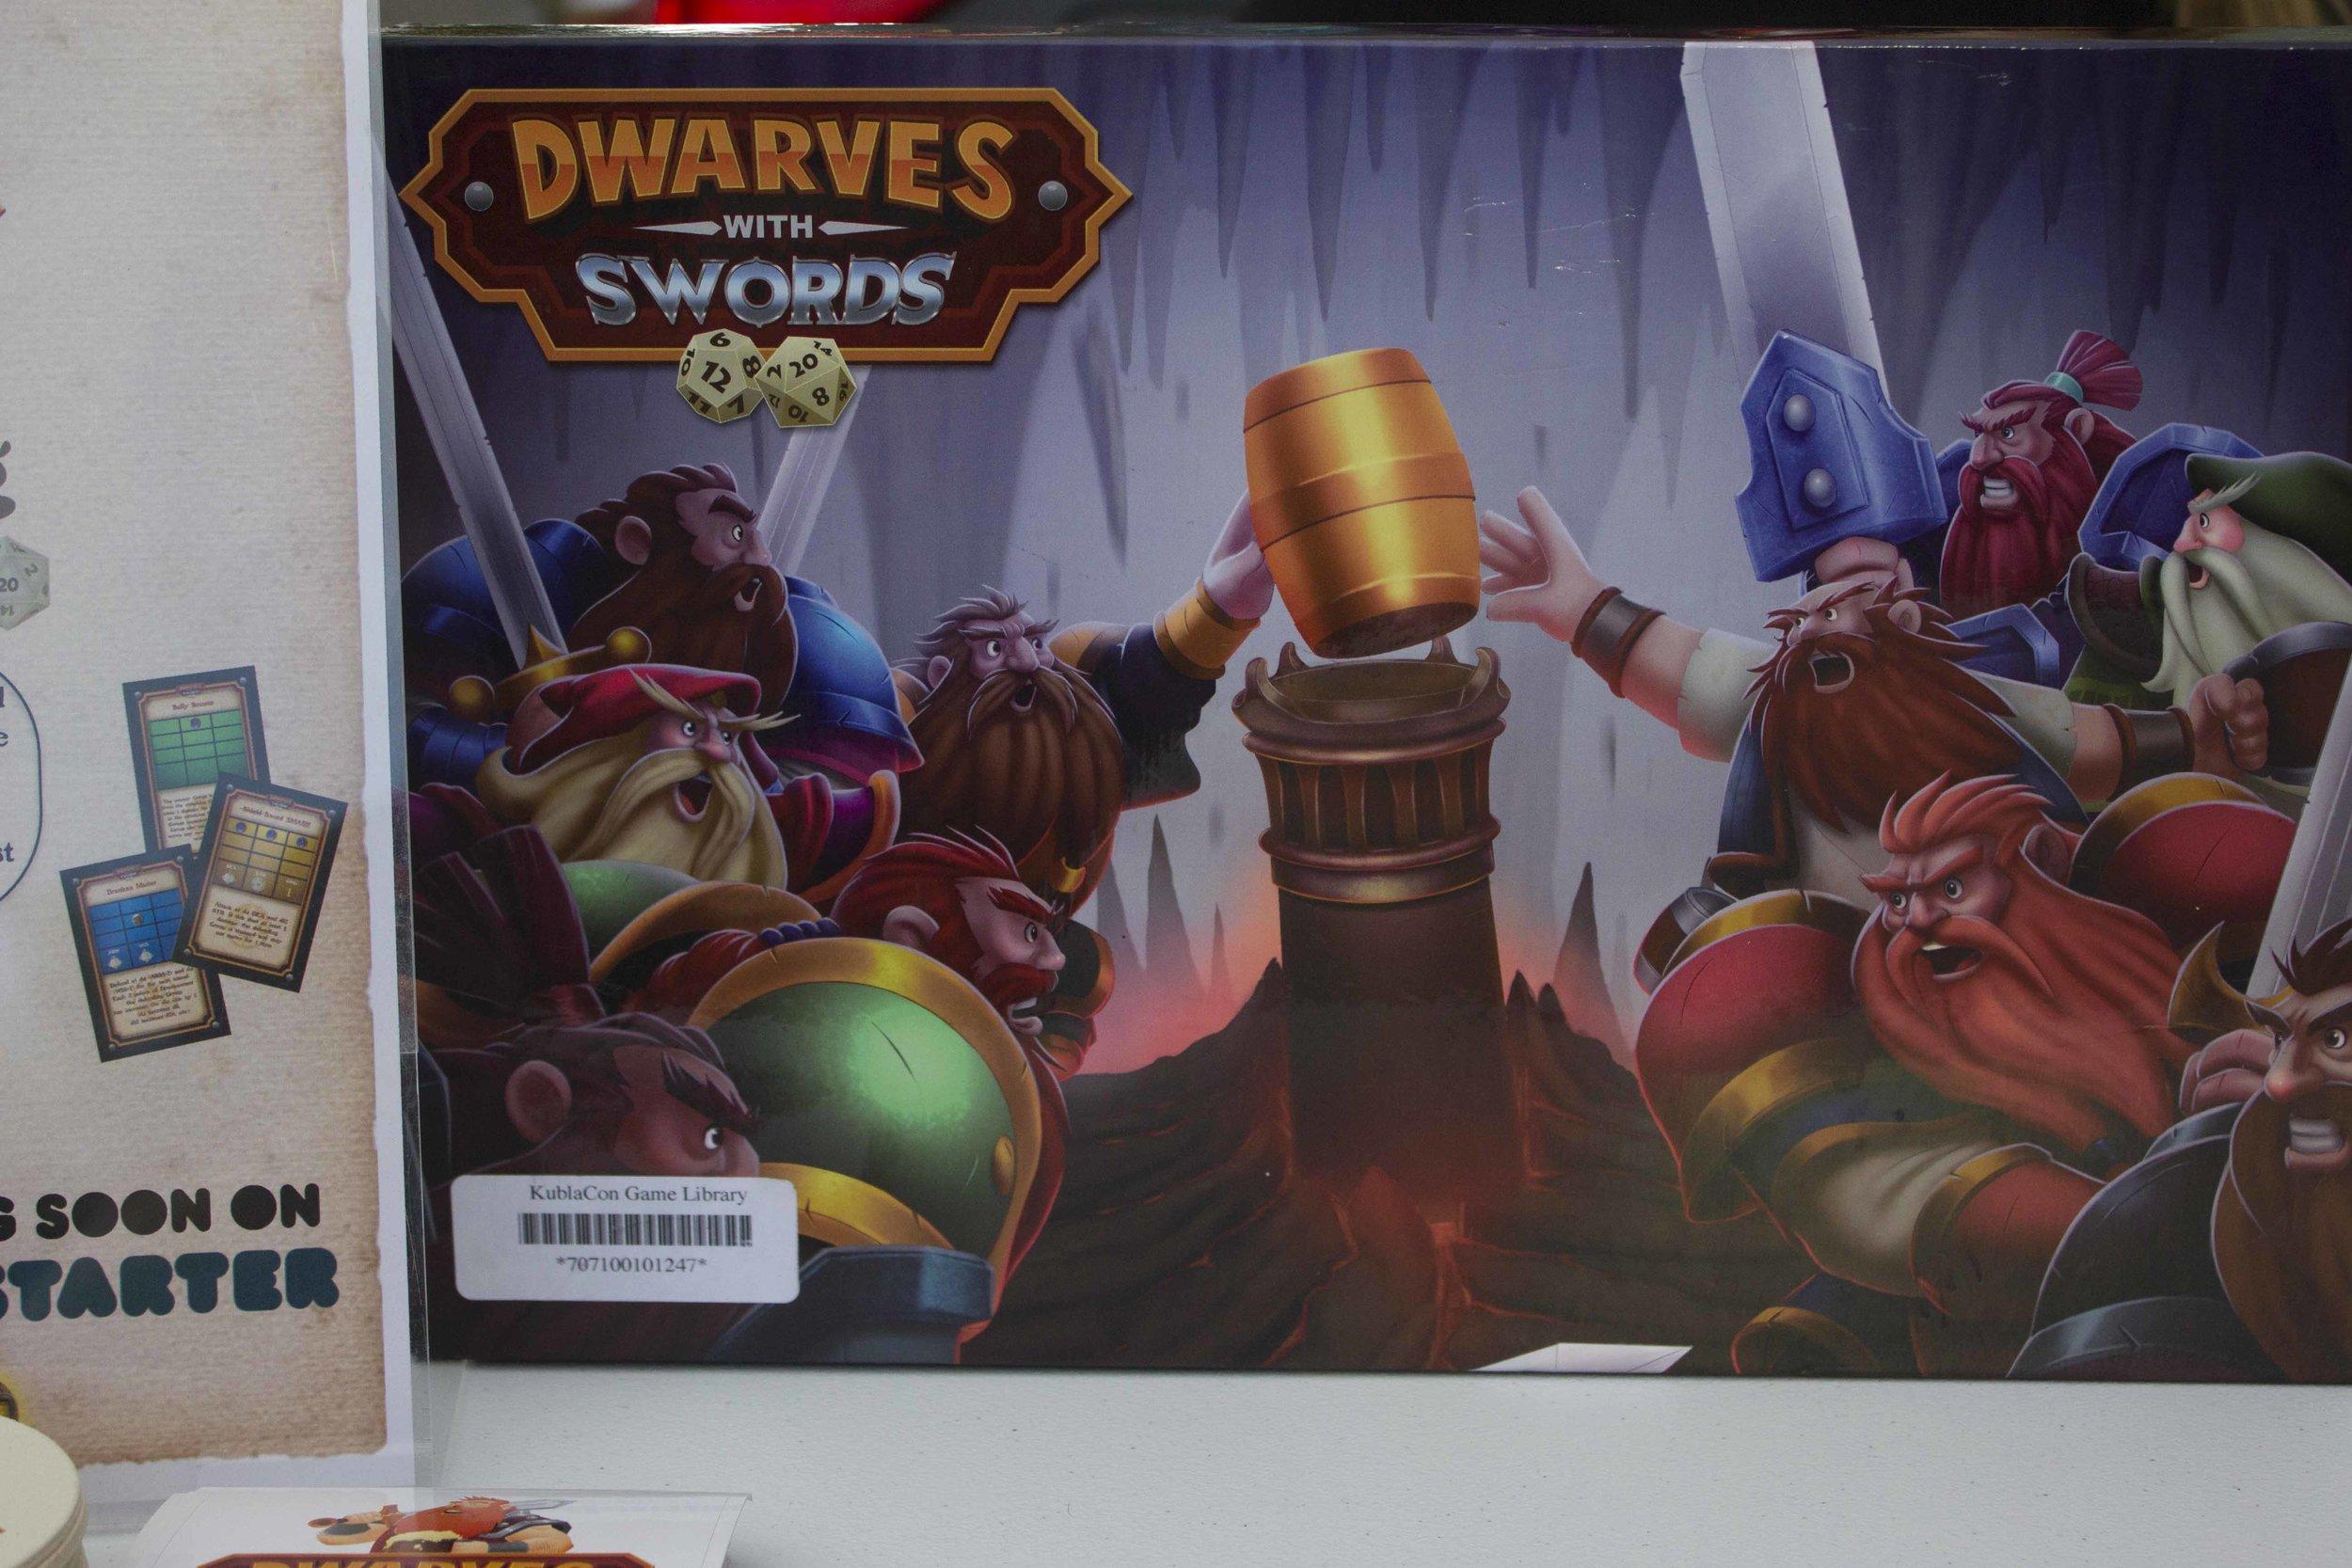 Dwarves with Swords